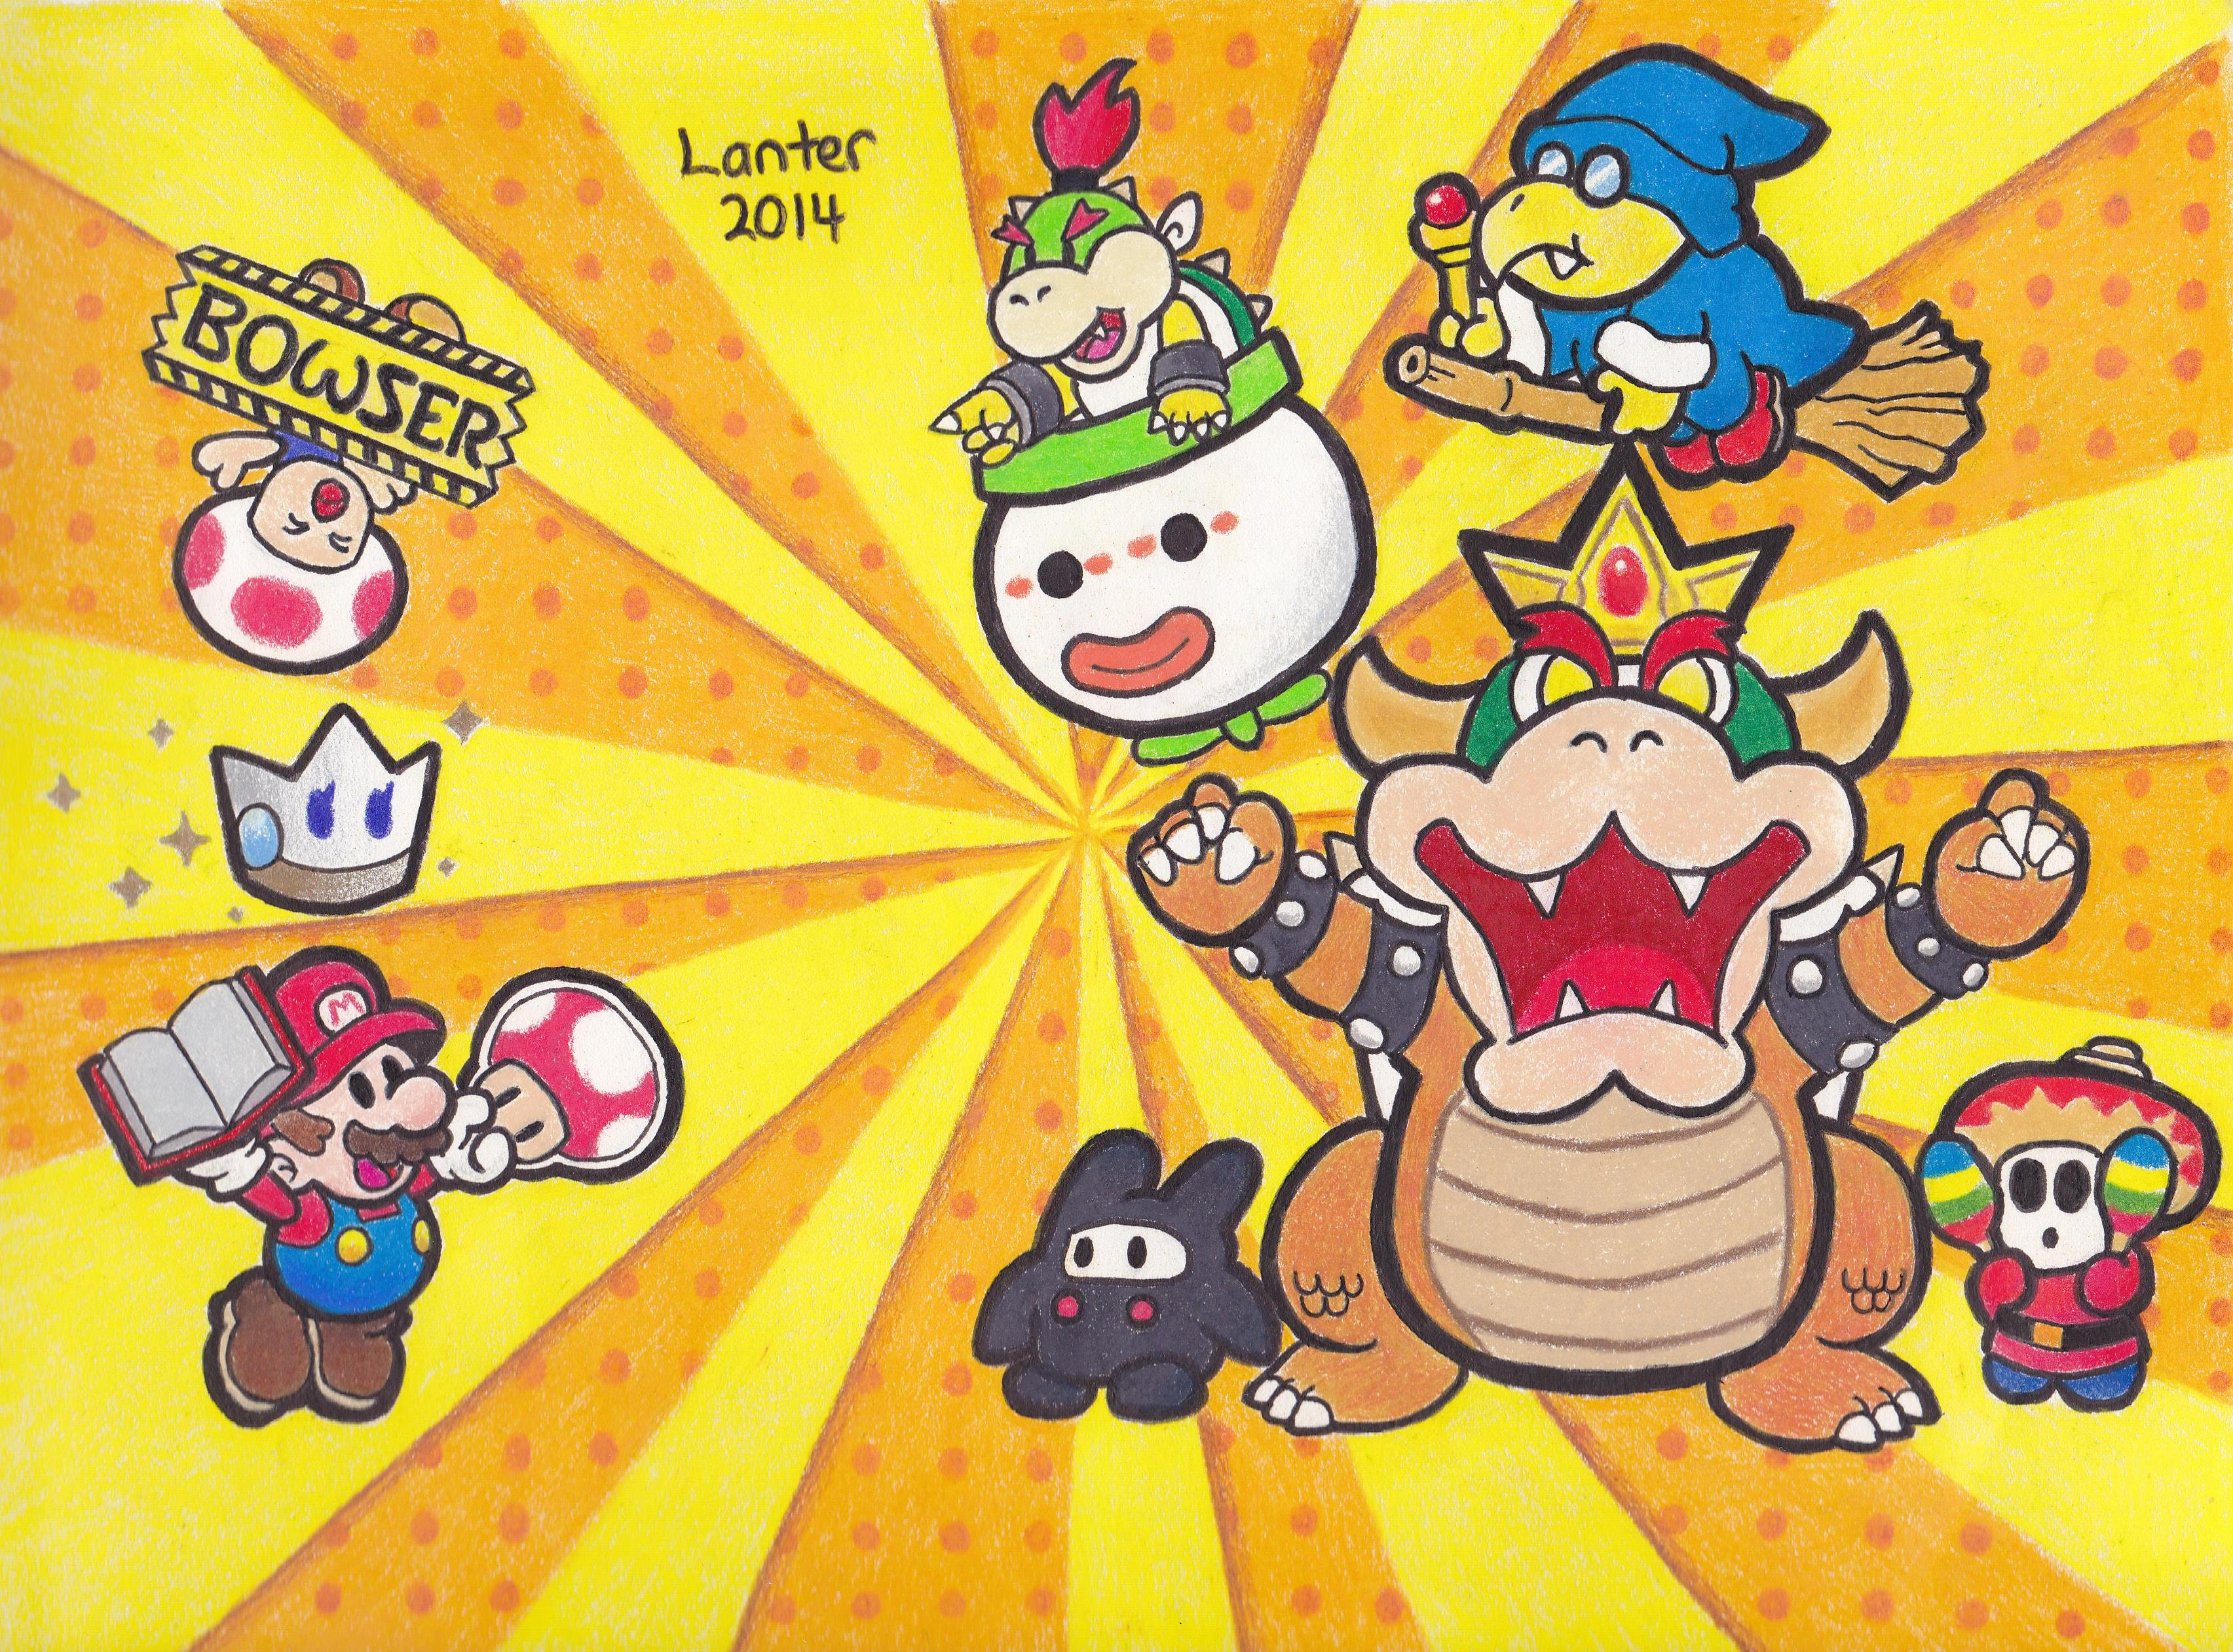 Paper Mario Sticker Star Tribute by Isuckworse on deviantART